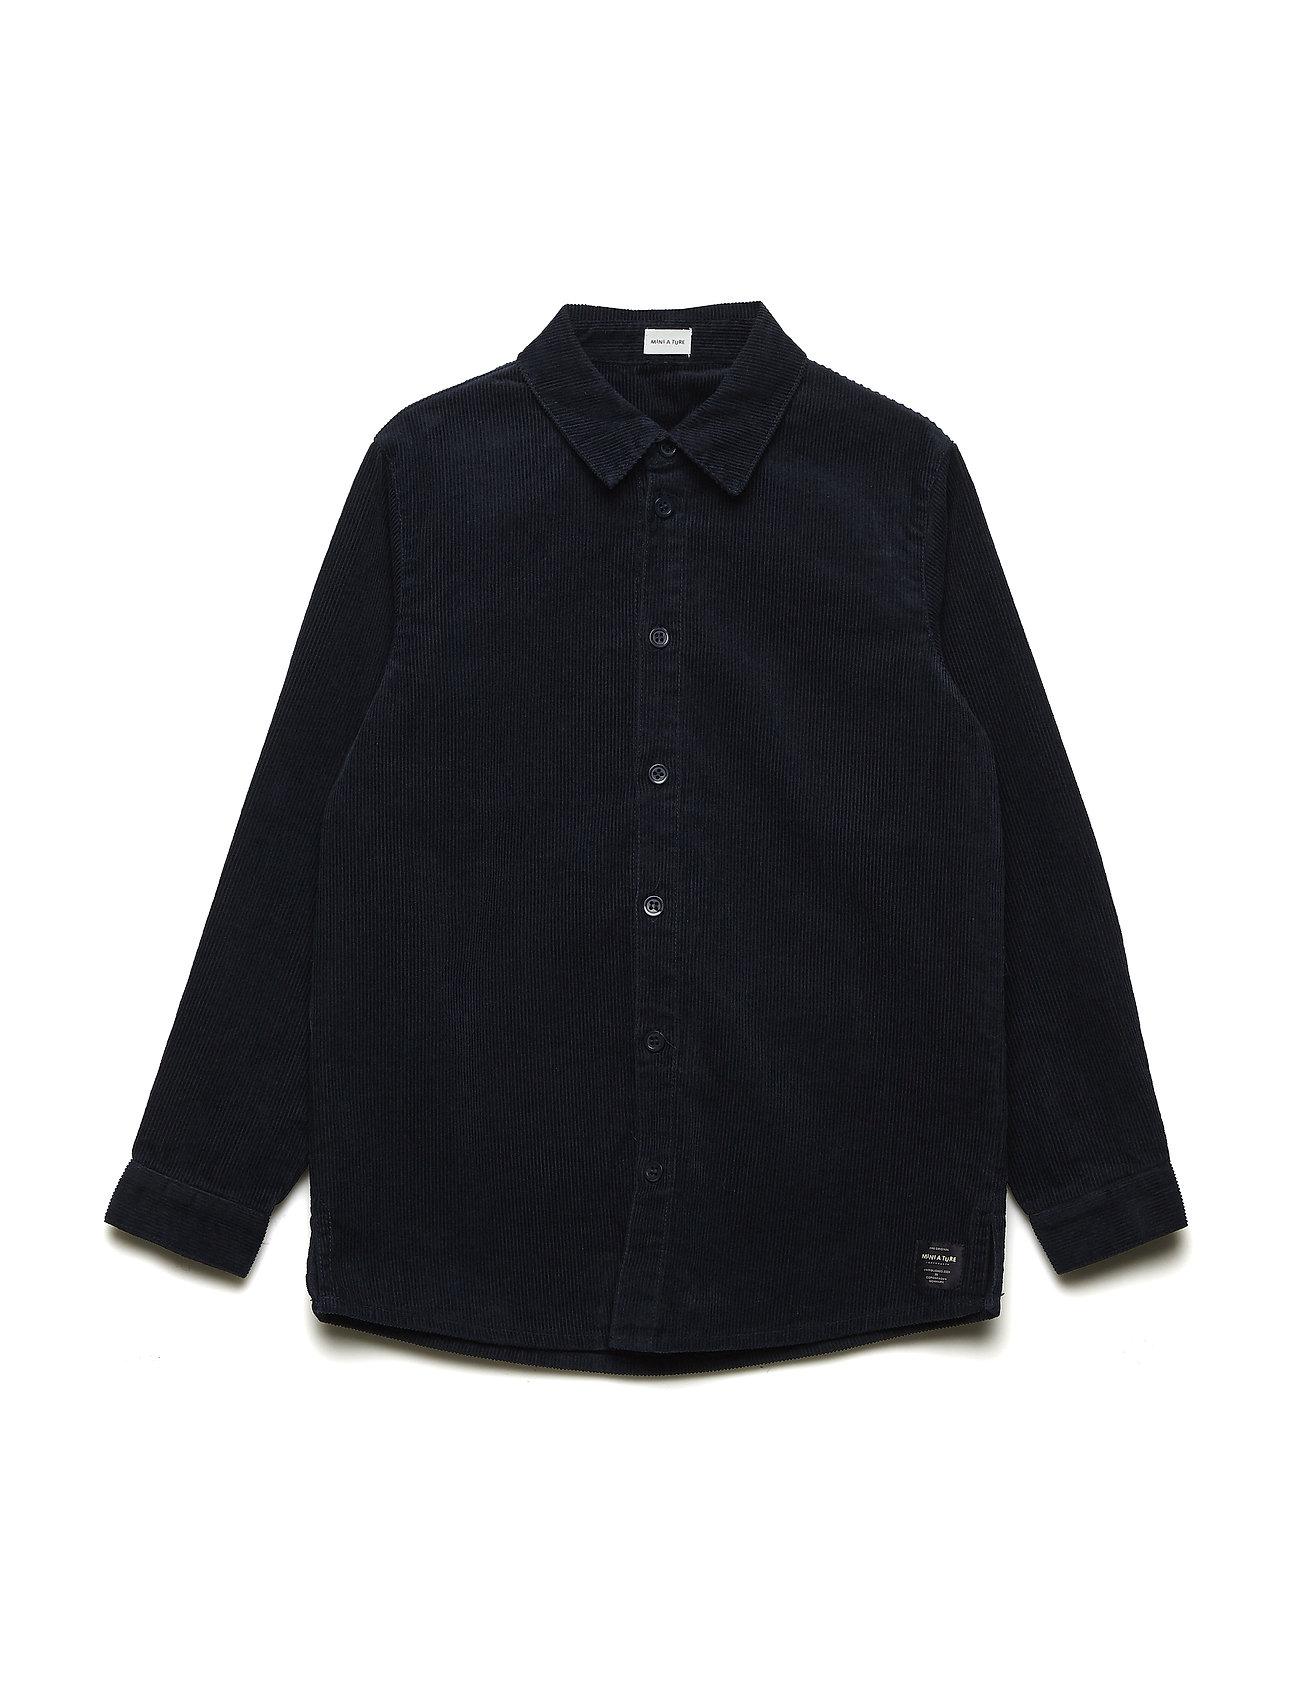 Mini A Ture James Shirt, K